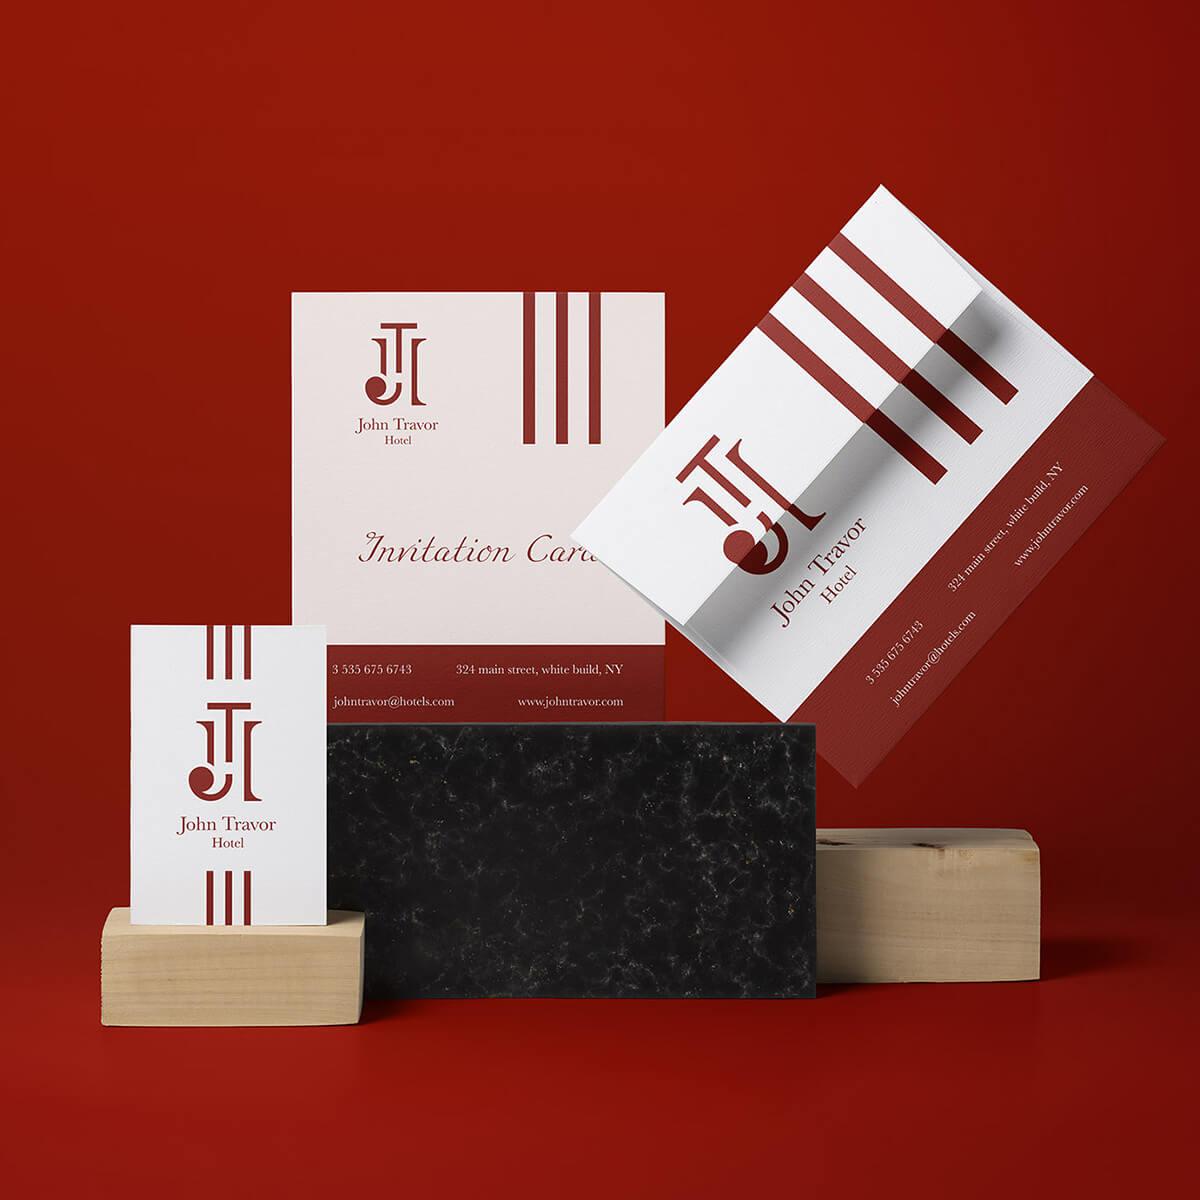 logo e brand identity design di john travor hotel su biglietto da visita, carta d'invito e busta su sfondo rosso